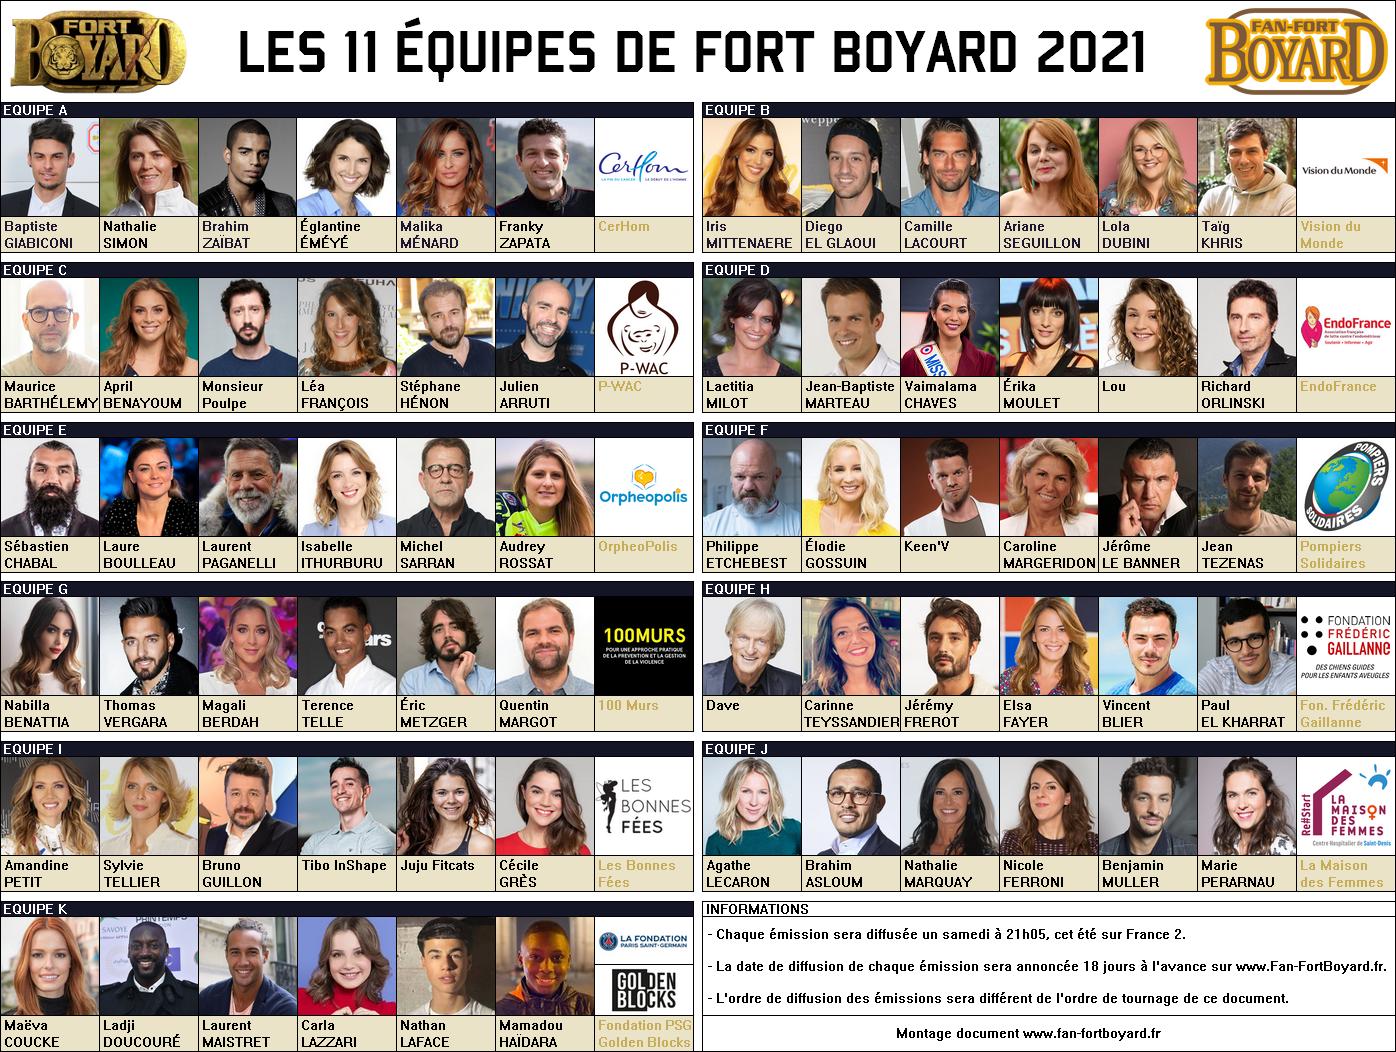 Fort Boyard 2021 - Les 11 équipes de la 32e saison